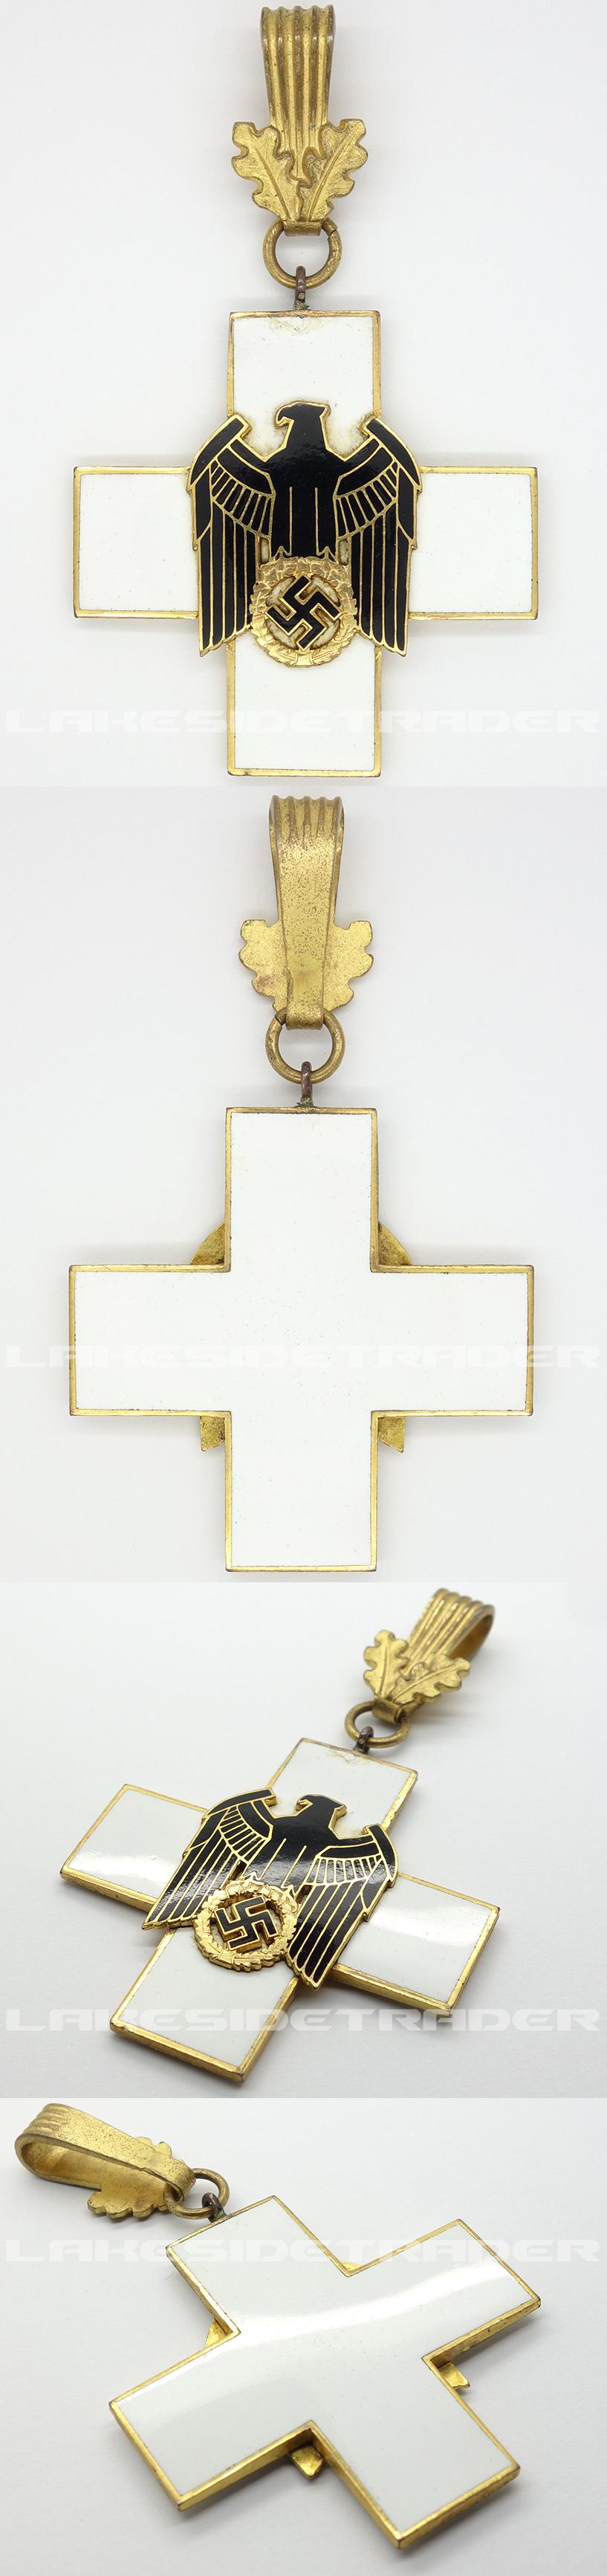 1st Class Neck Cross Social Welfare Decoration